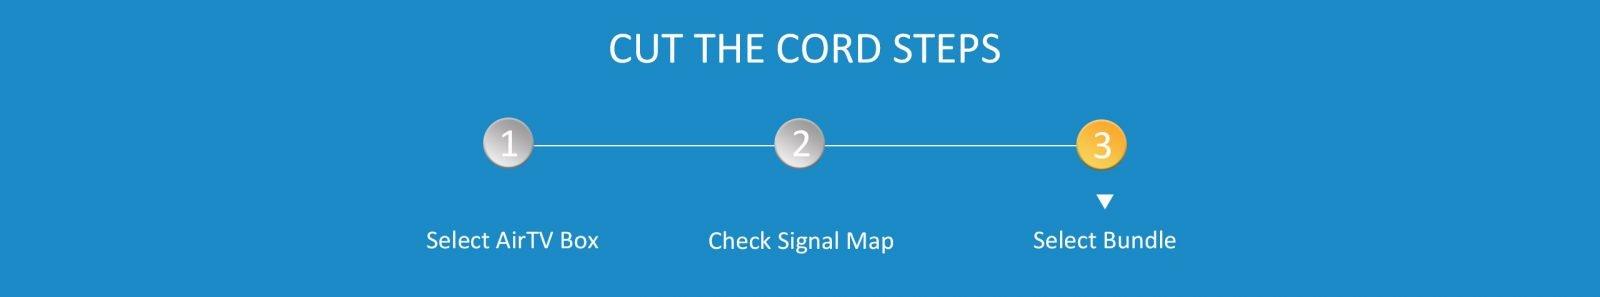 AirTV + ANTOP Cord Cutting Step 3